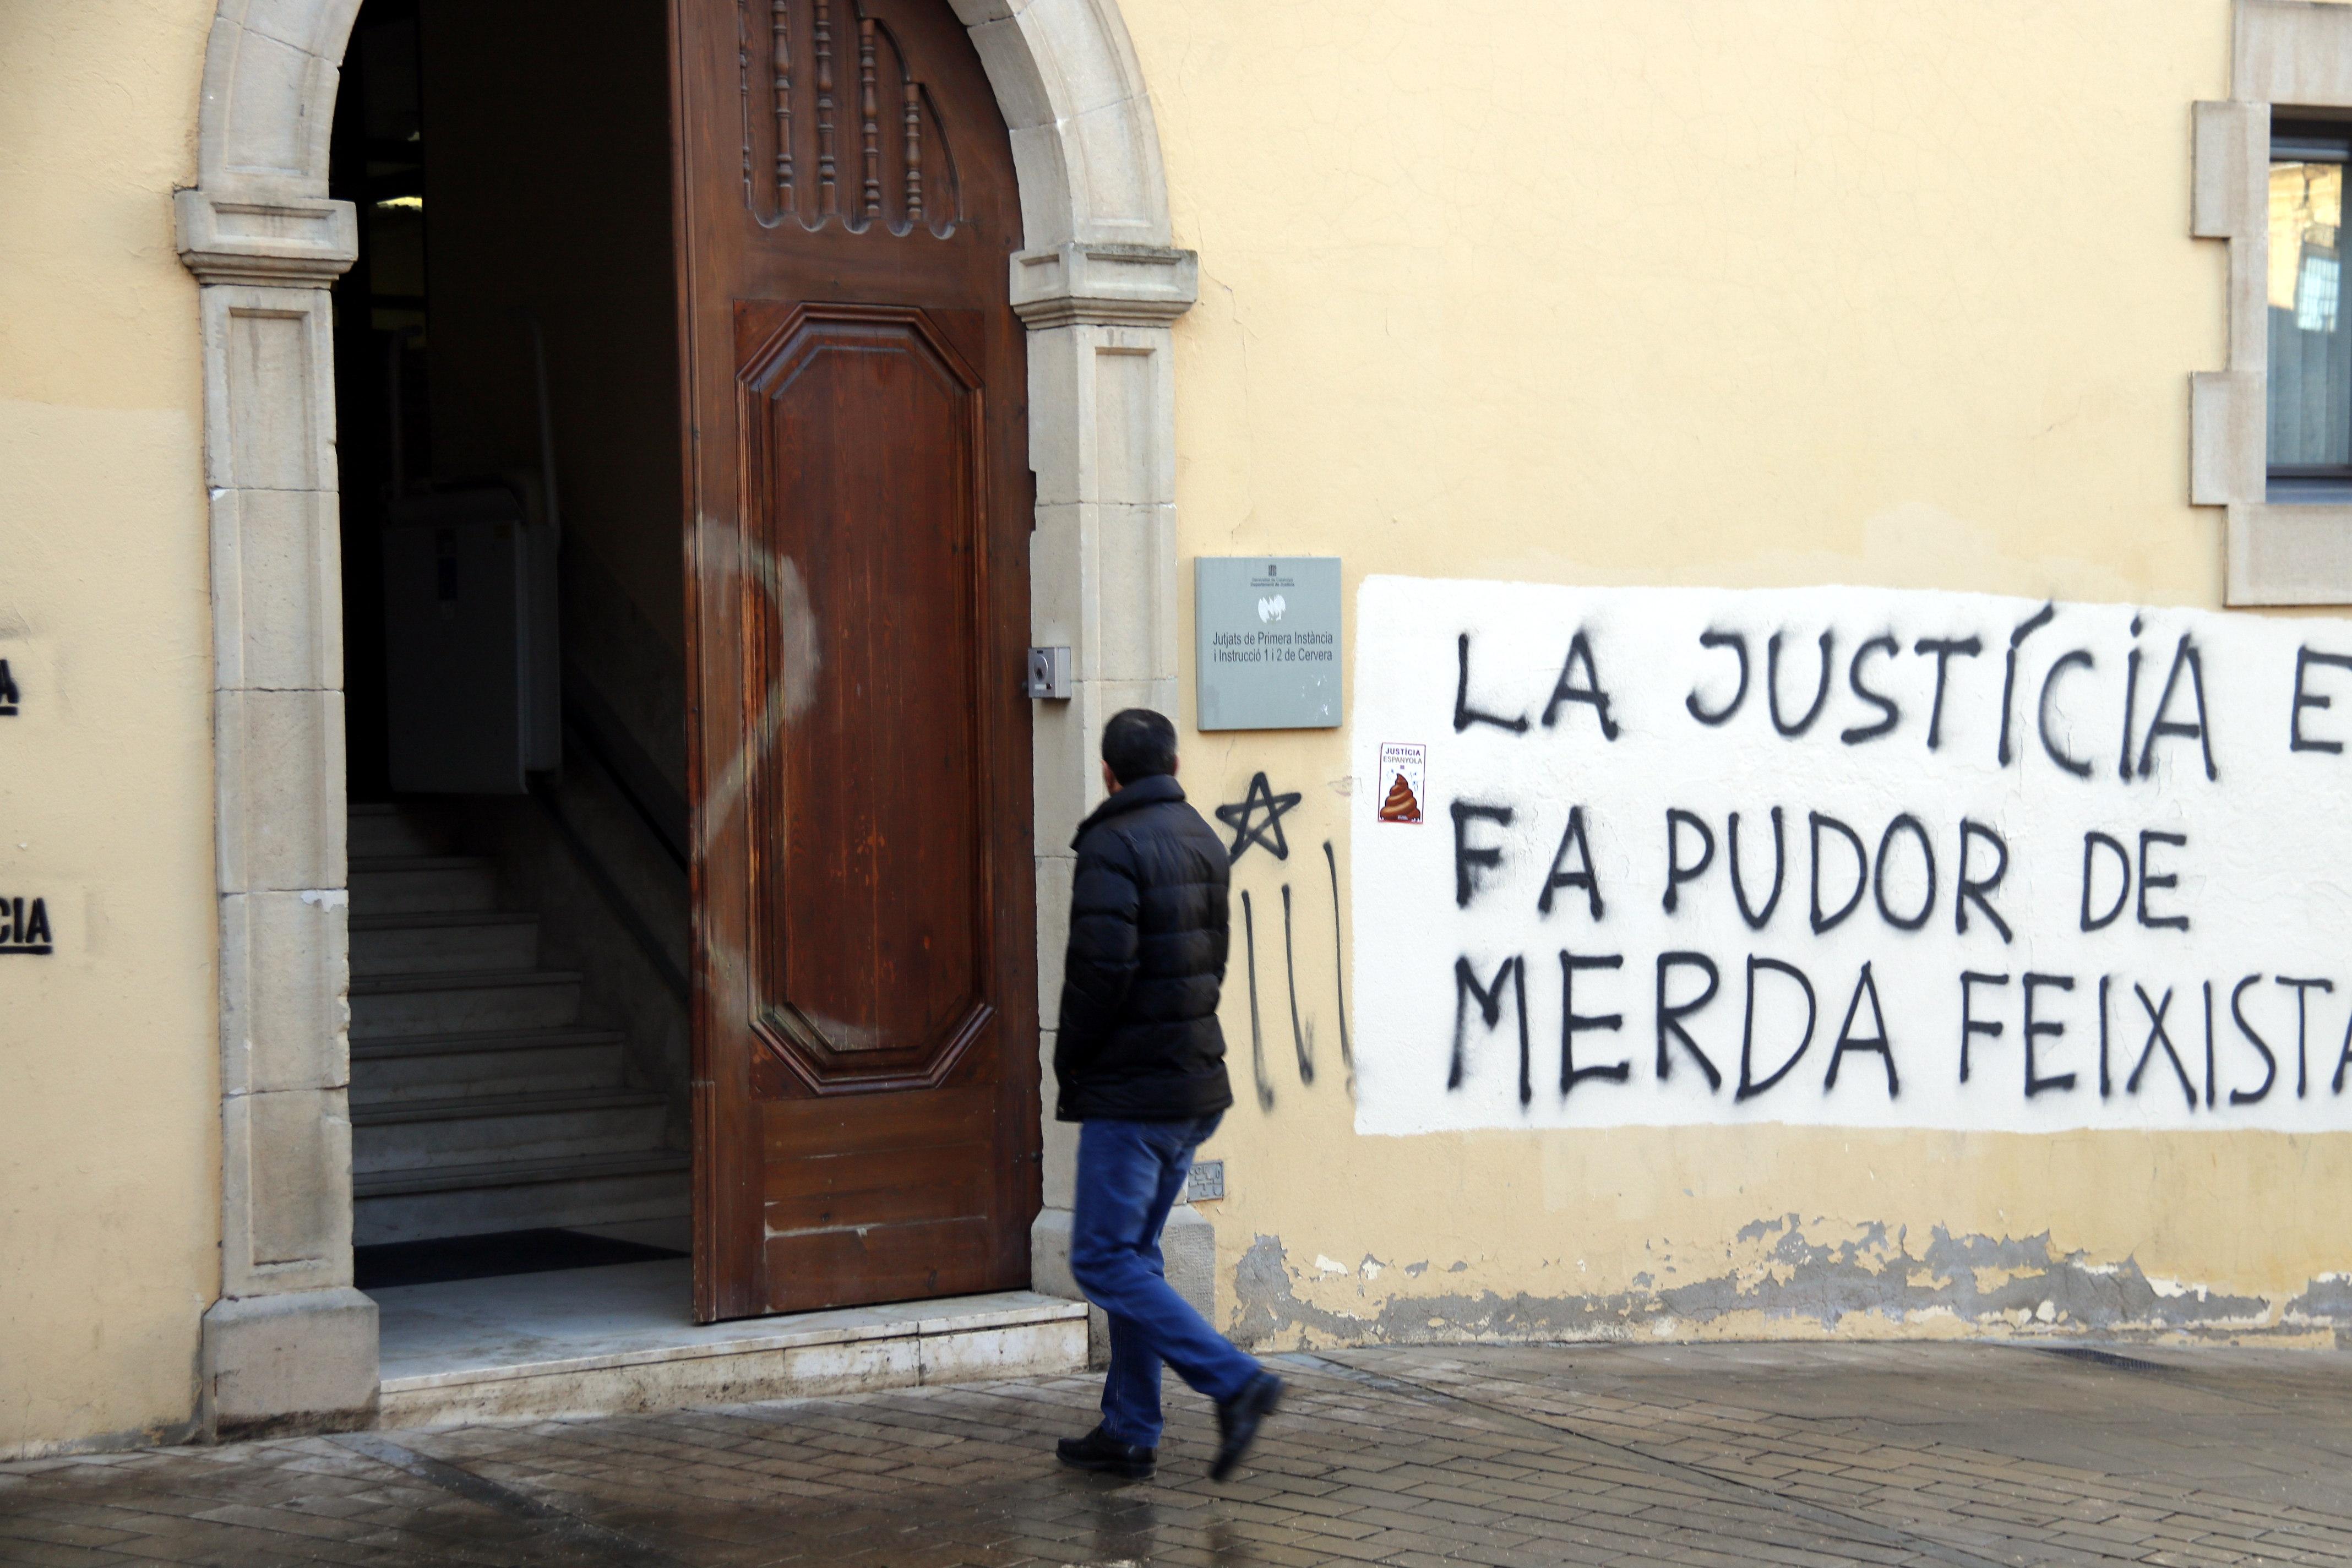 Els CDR tornen a escampar fems i escombraries a les portes dels jutjats de Catalunya entre ells el de Cervera